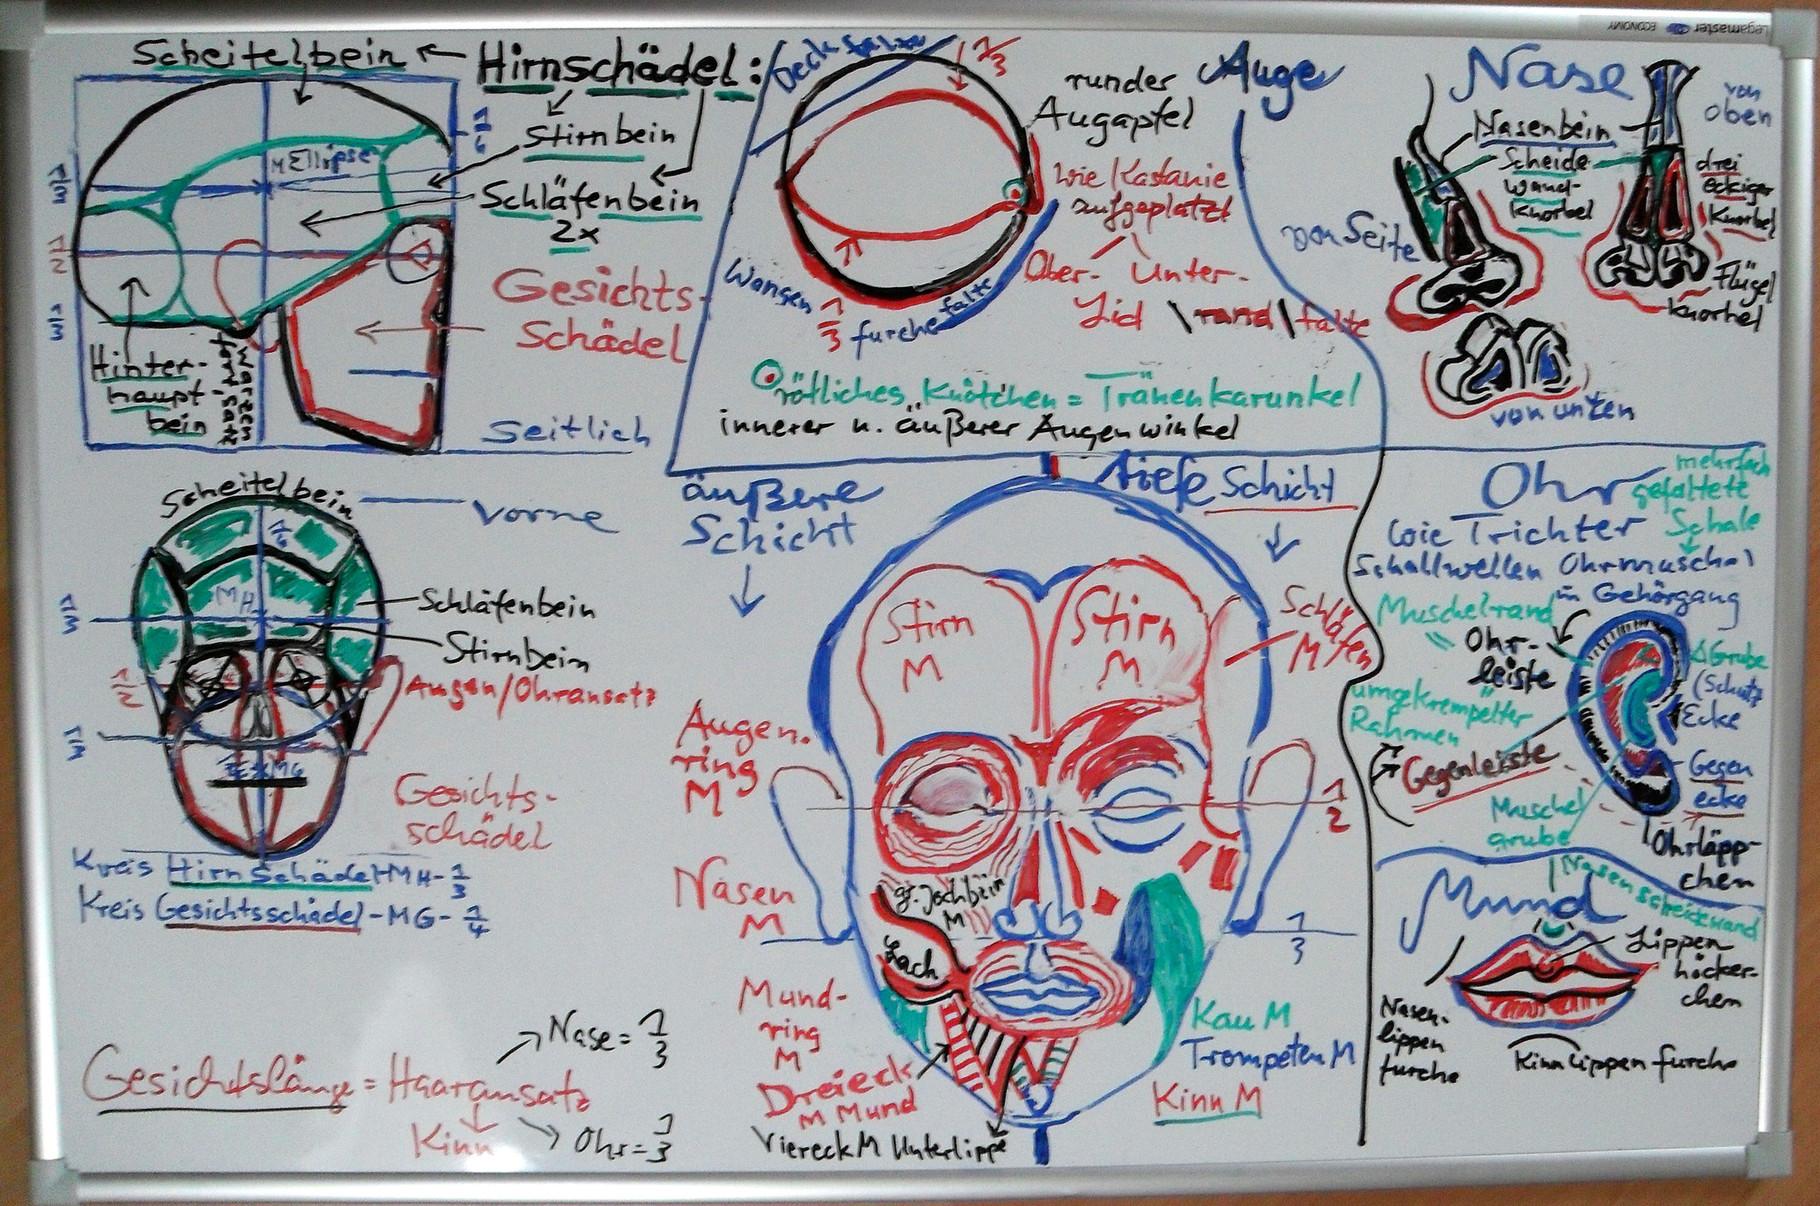 Witheboardtafel aus meiner Lehrtätigkeit in Künstleranatomie